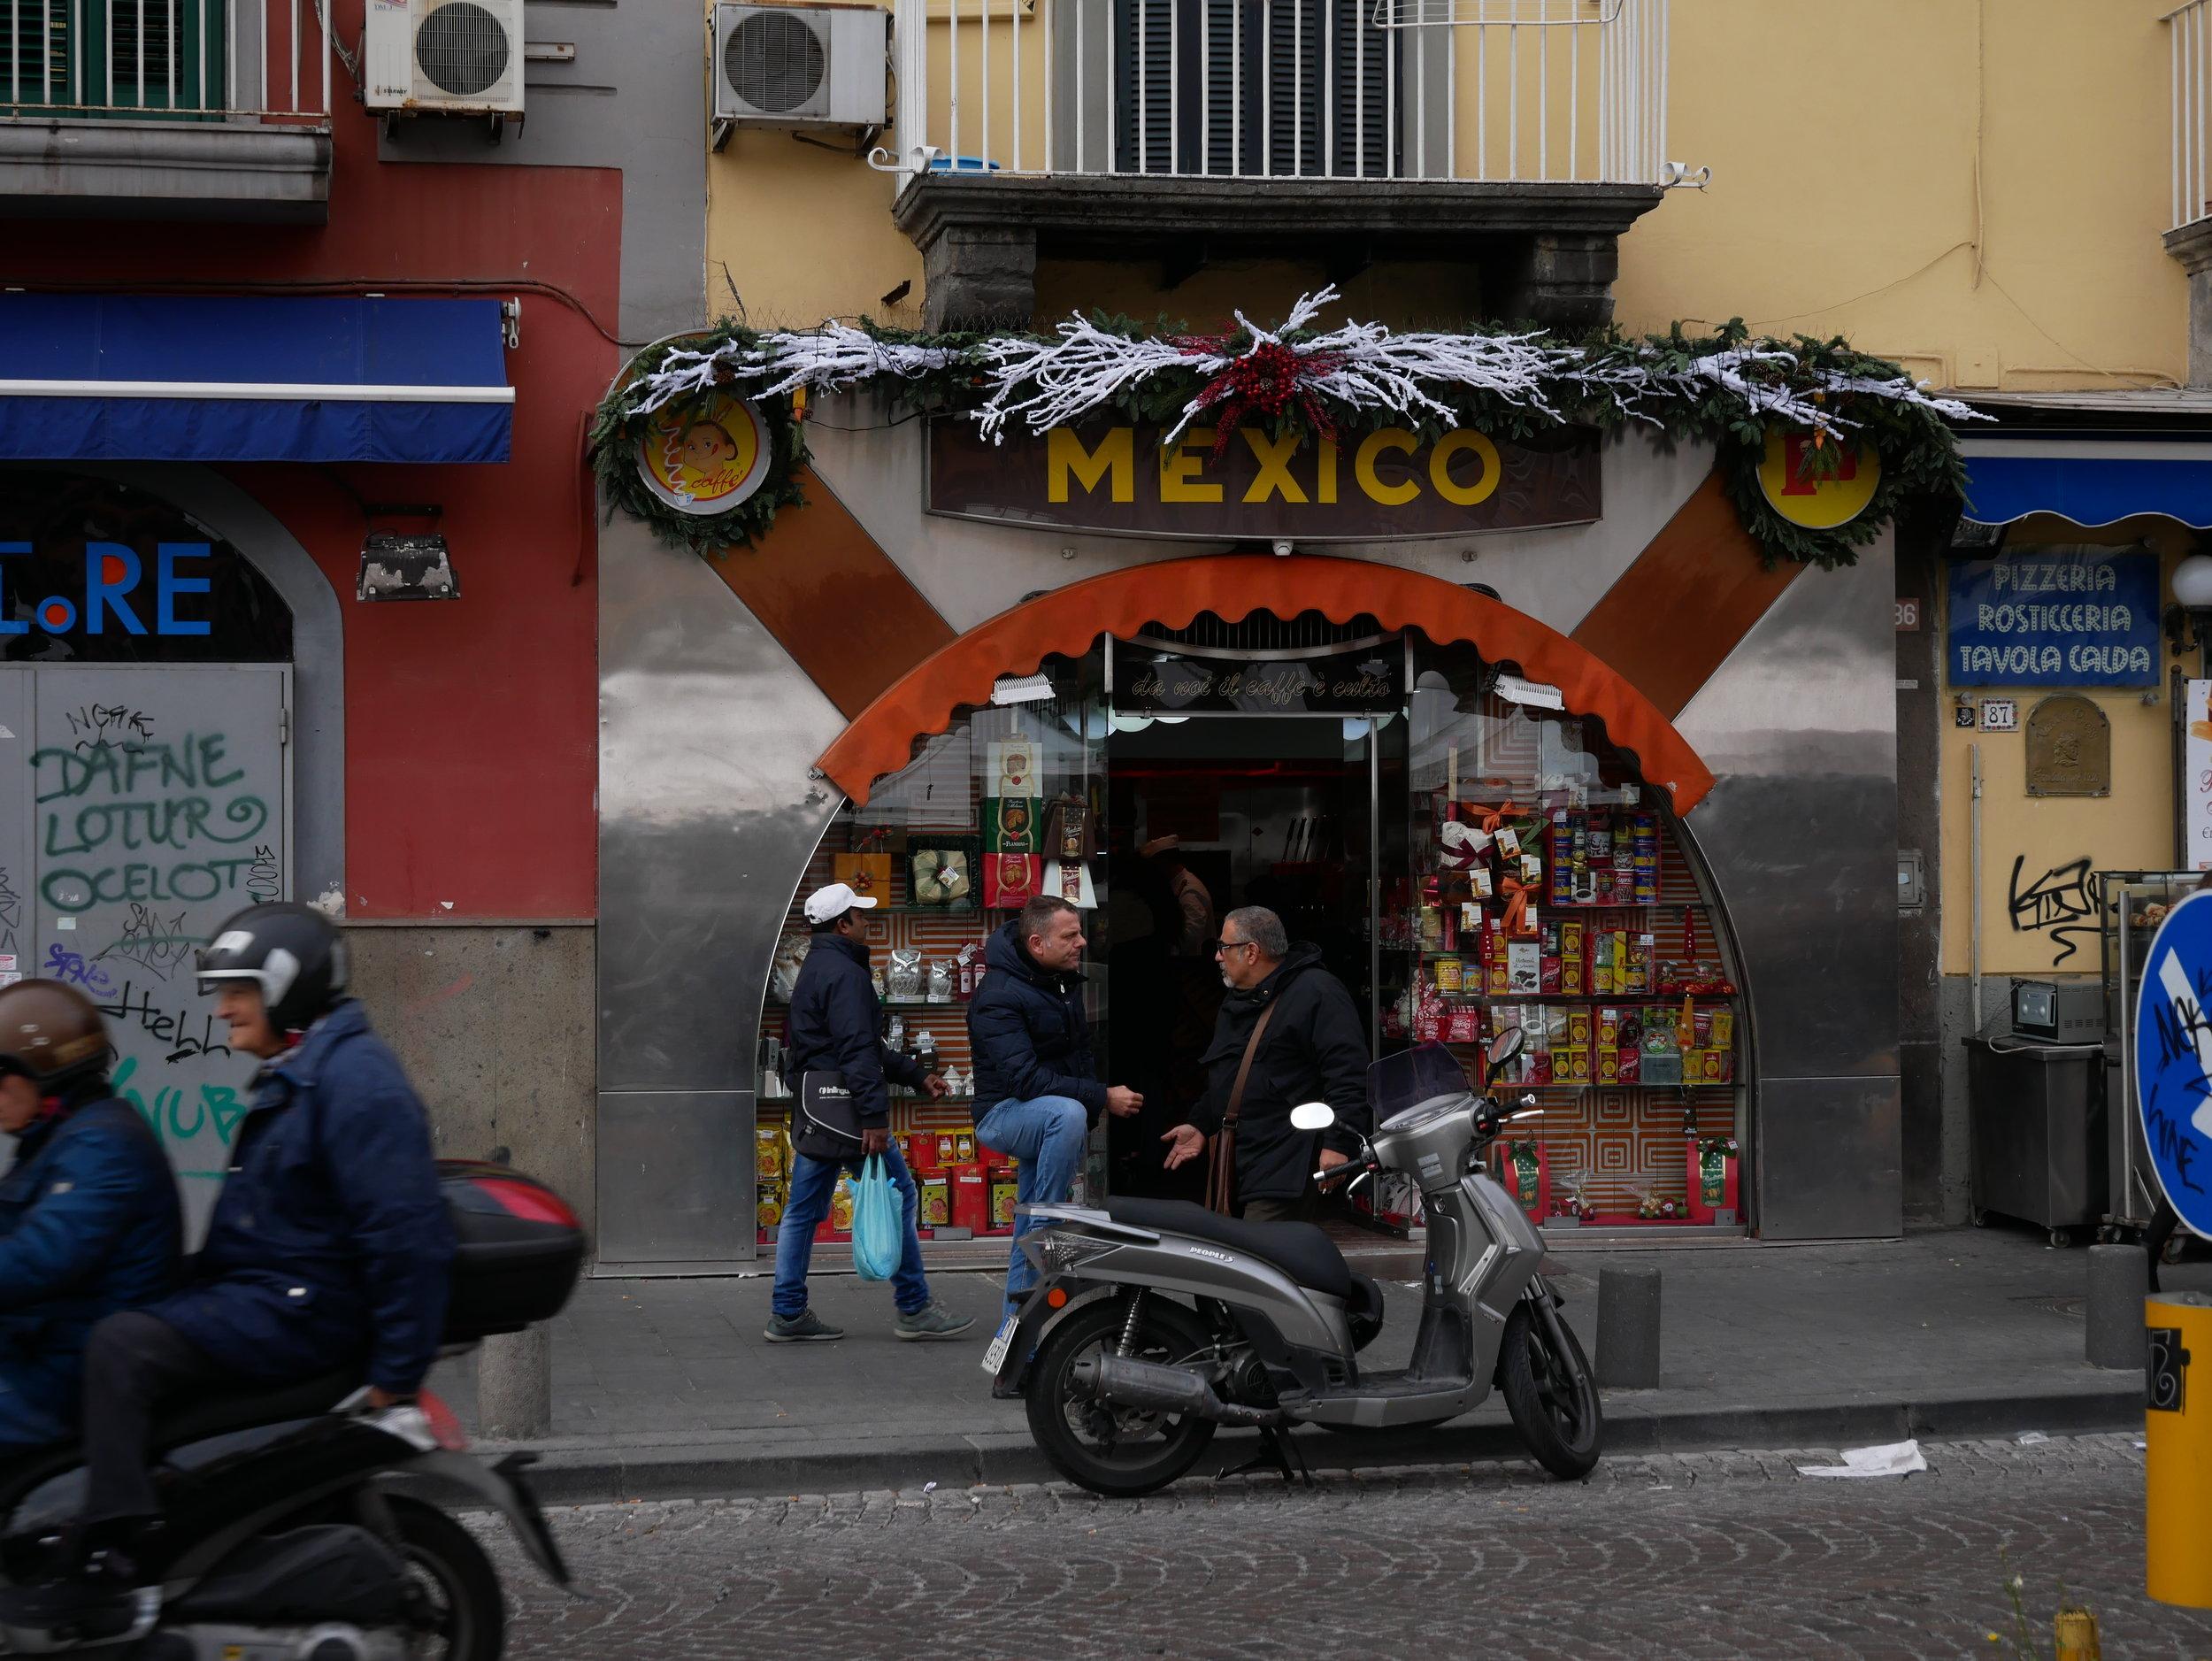 Caffe Mexico Naples exterior.jpg